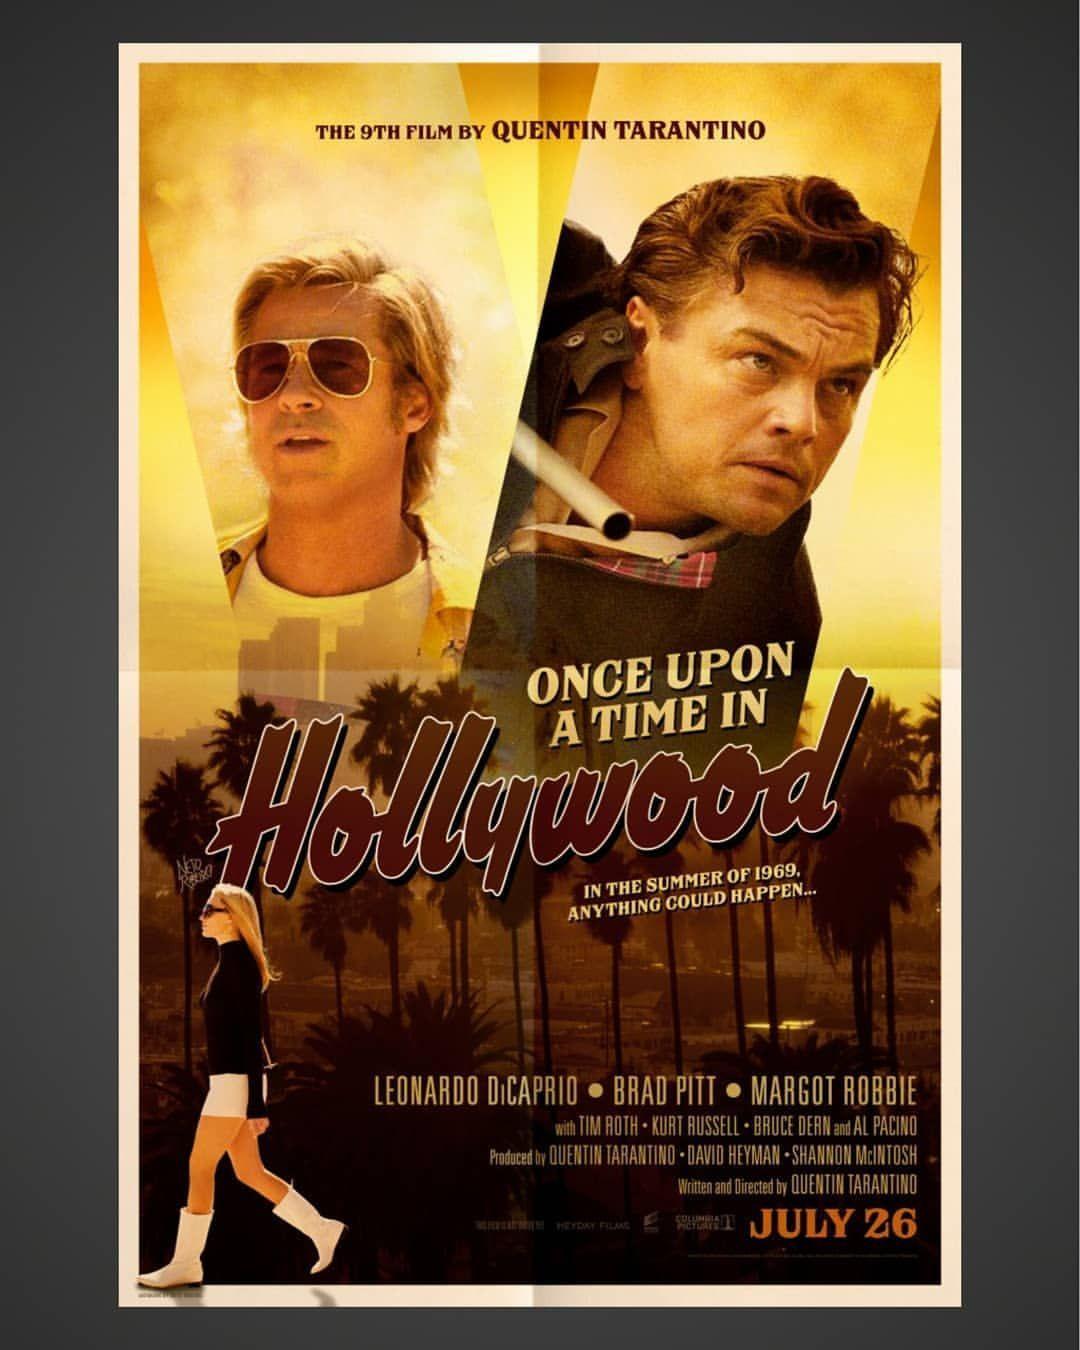 Eredeti Cim Volt Egyszer Egy Hollywoodfeltoltve 2019 07 25rendezo Heyday Filmskategoria Drama Vig Hollywood Poster In Hollywood Full Movies Online Free